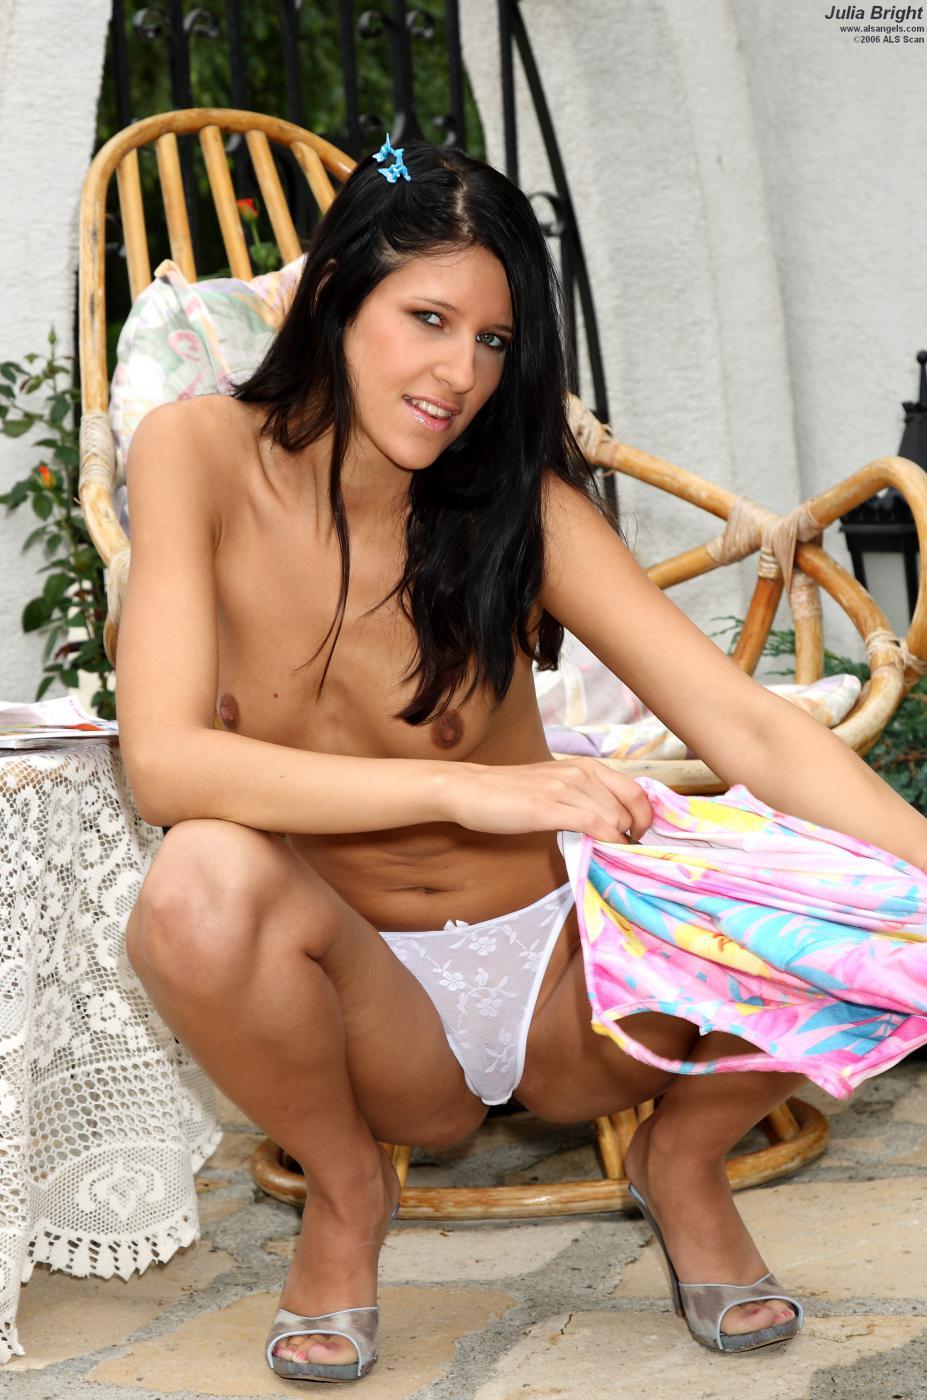 Пропащая брюнетка Yulia Bright спрятала трусики в киске и занимается фистингом